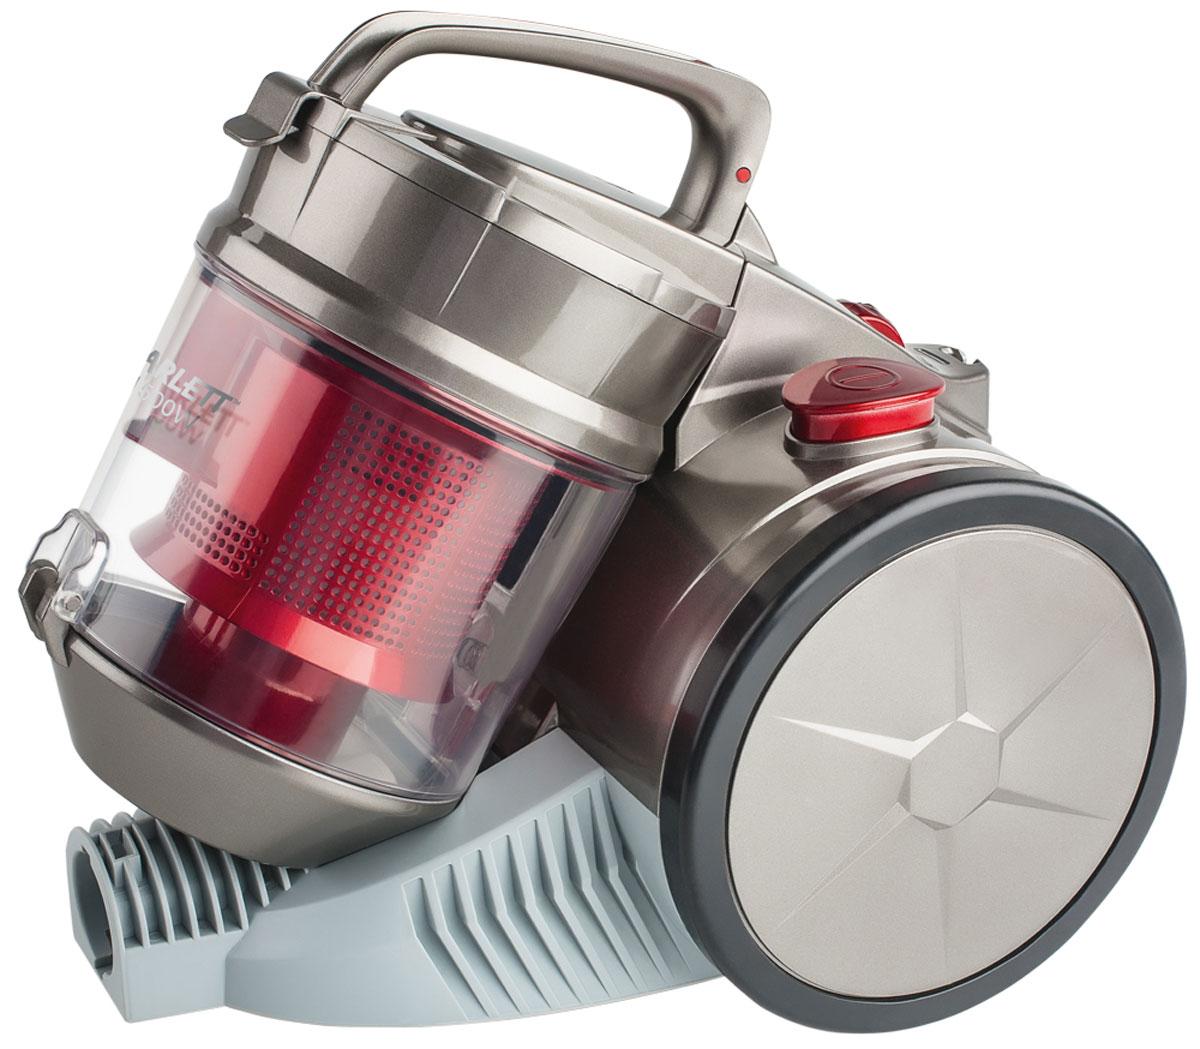 Scarlett SC-VC80C04 пылесосSC-VC80C04Компактный размер (310 х 290 мм) и легкий вес пылесоса Scarlett SC-VC80C04 позволяют использовать его для уборки комнат, лестниц в доме, а так же уборки машин. Оснащен большим контейнером для сбора пыли. Такой пылесборник легко очистить - достаточно просто высыпать содержимое в мусорное ведро. Система Мультициклон обеспечивает максимальную мощность всасывания в процессе уборки.